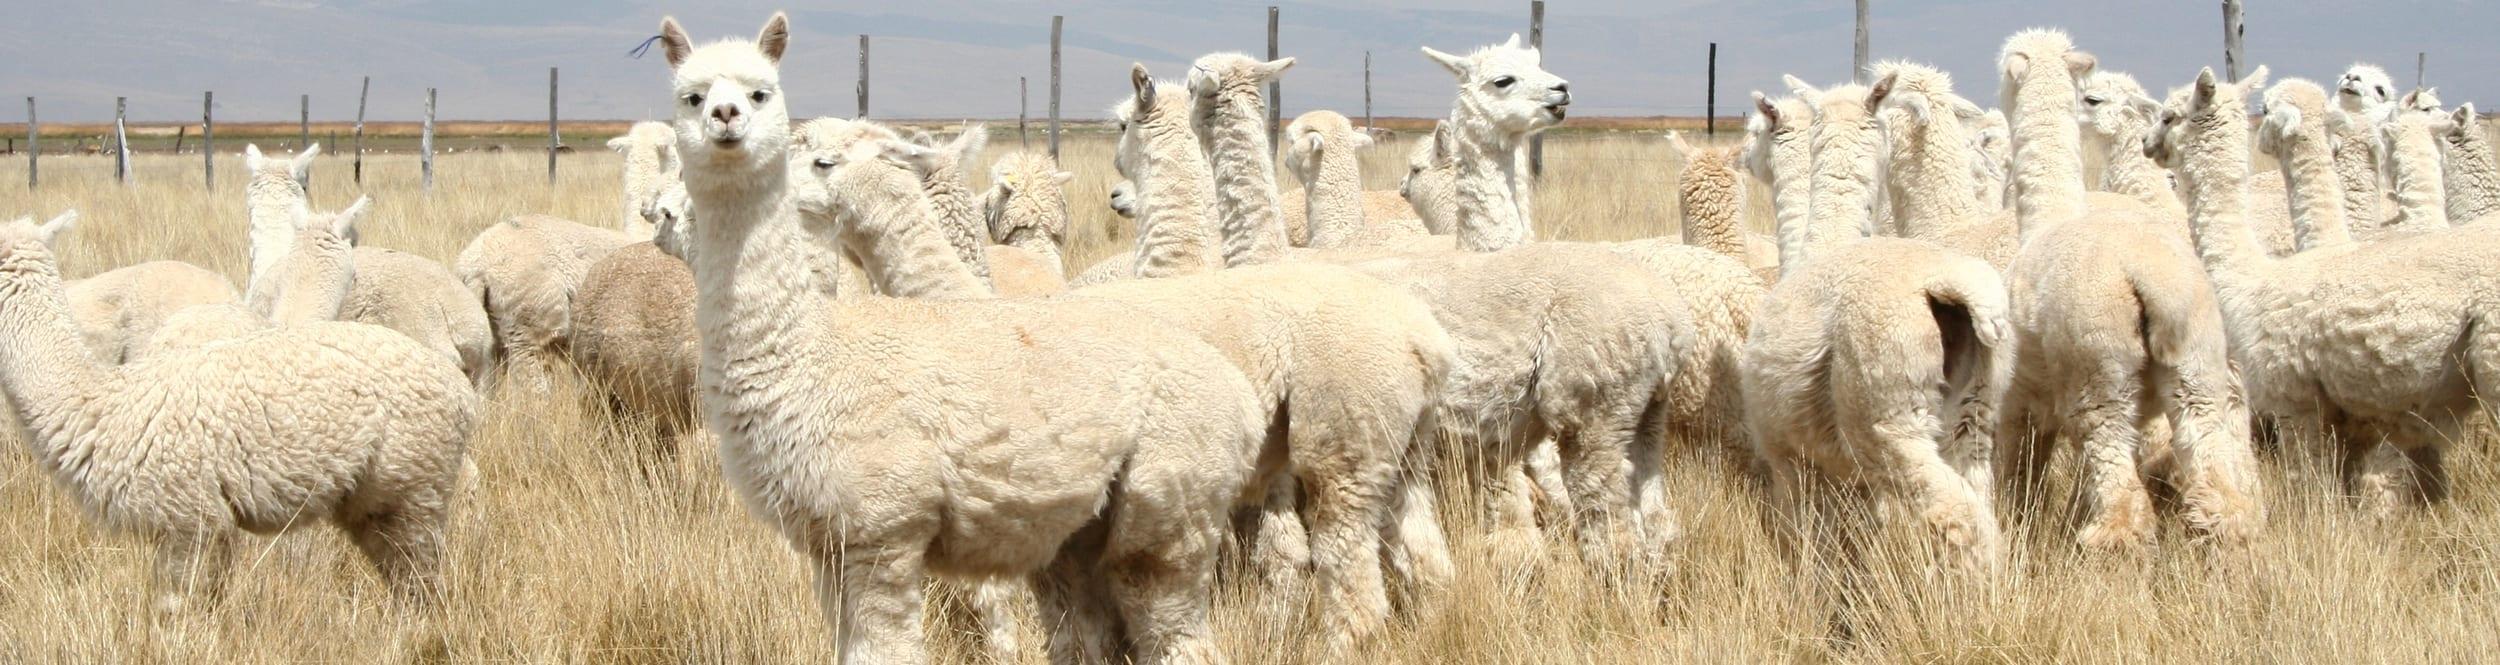 Alpaca-de-drager-van-een-bijzondere-wol